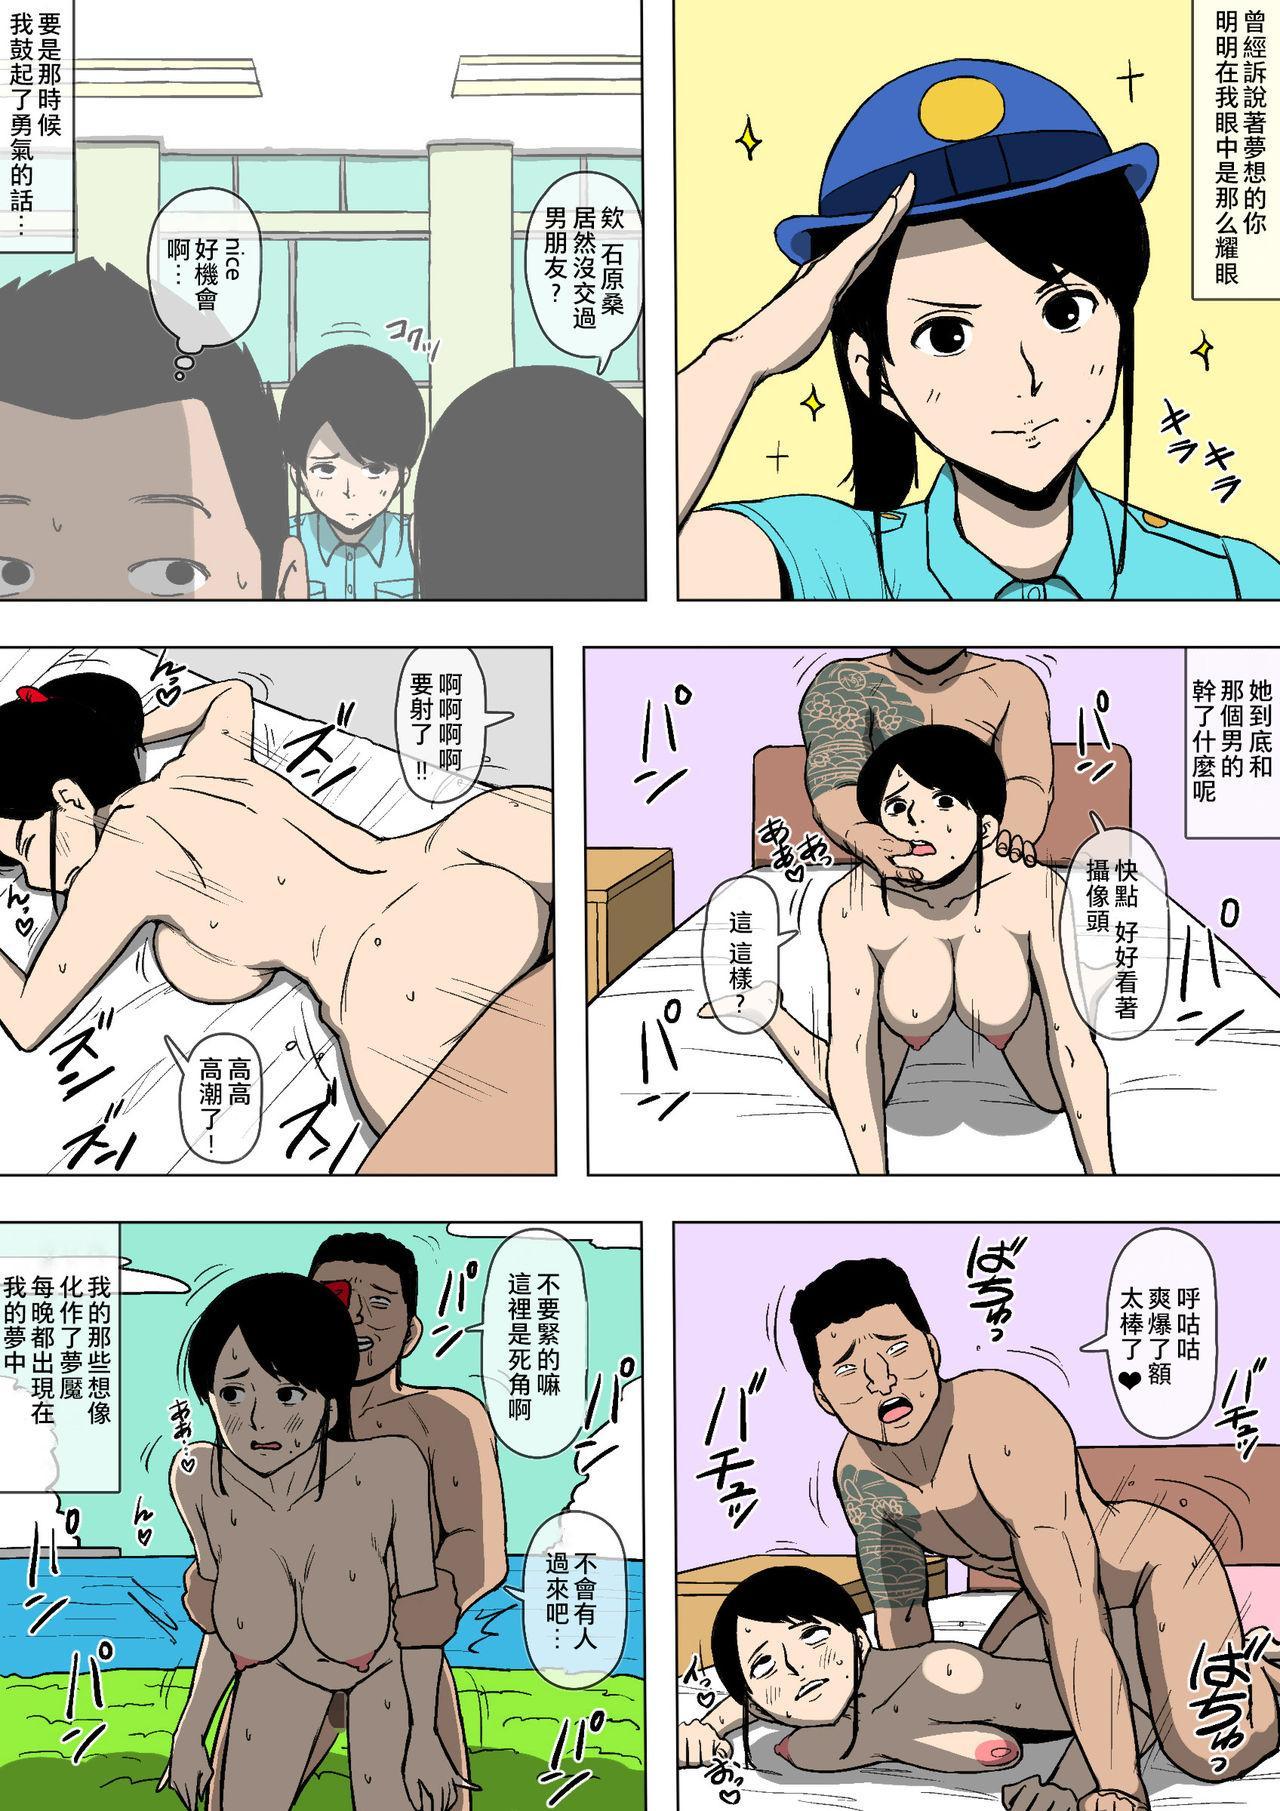 Josei Junsa ga Bouryokudan to Kousai Shite Ita 22